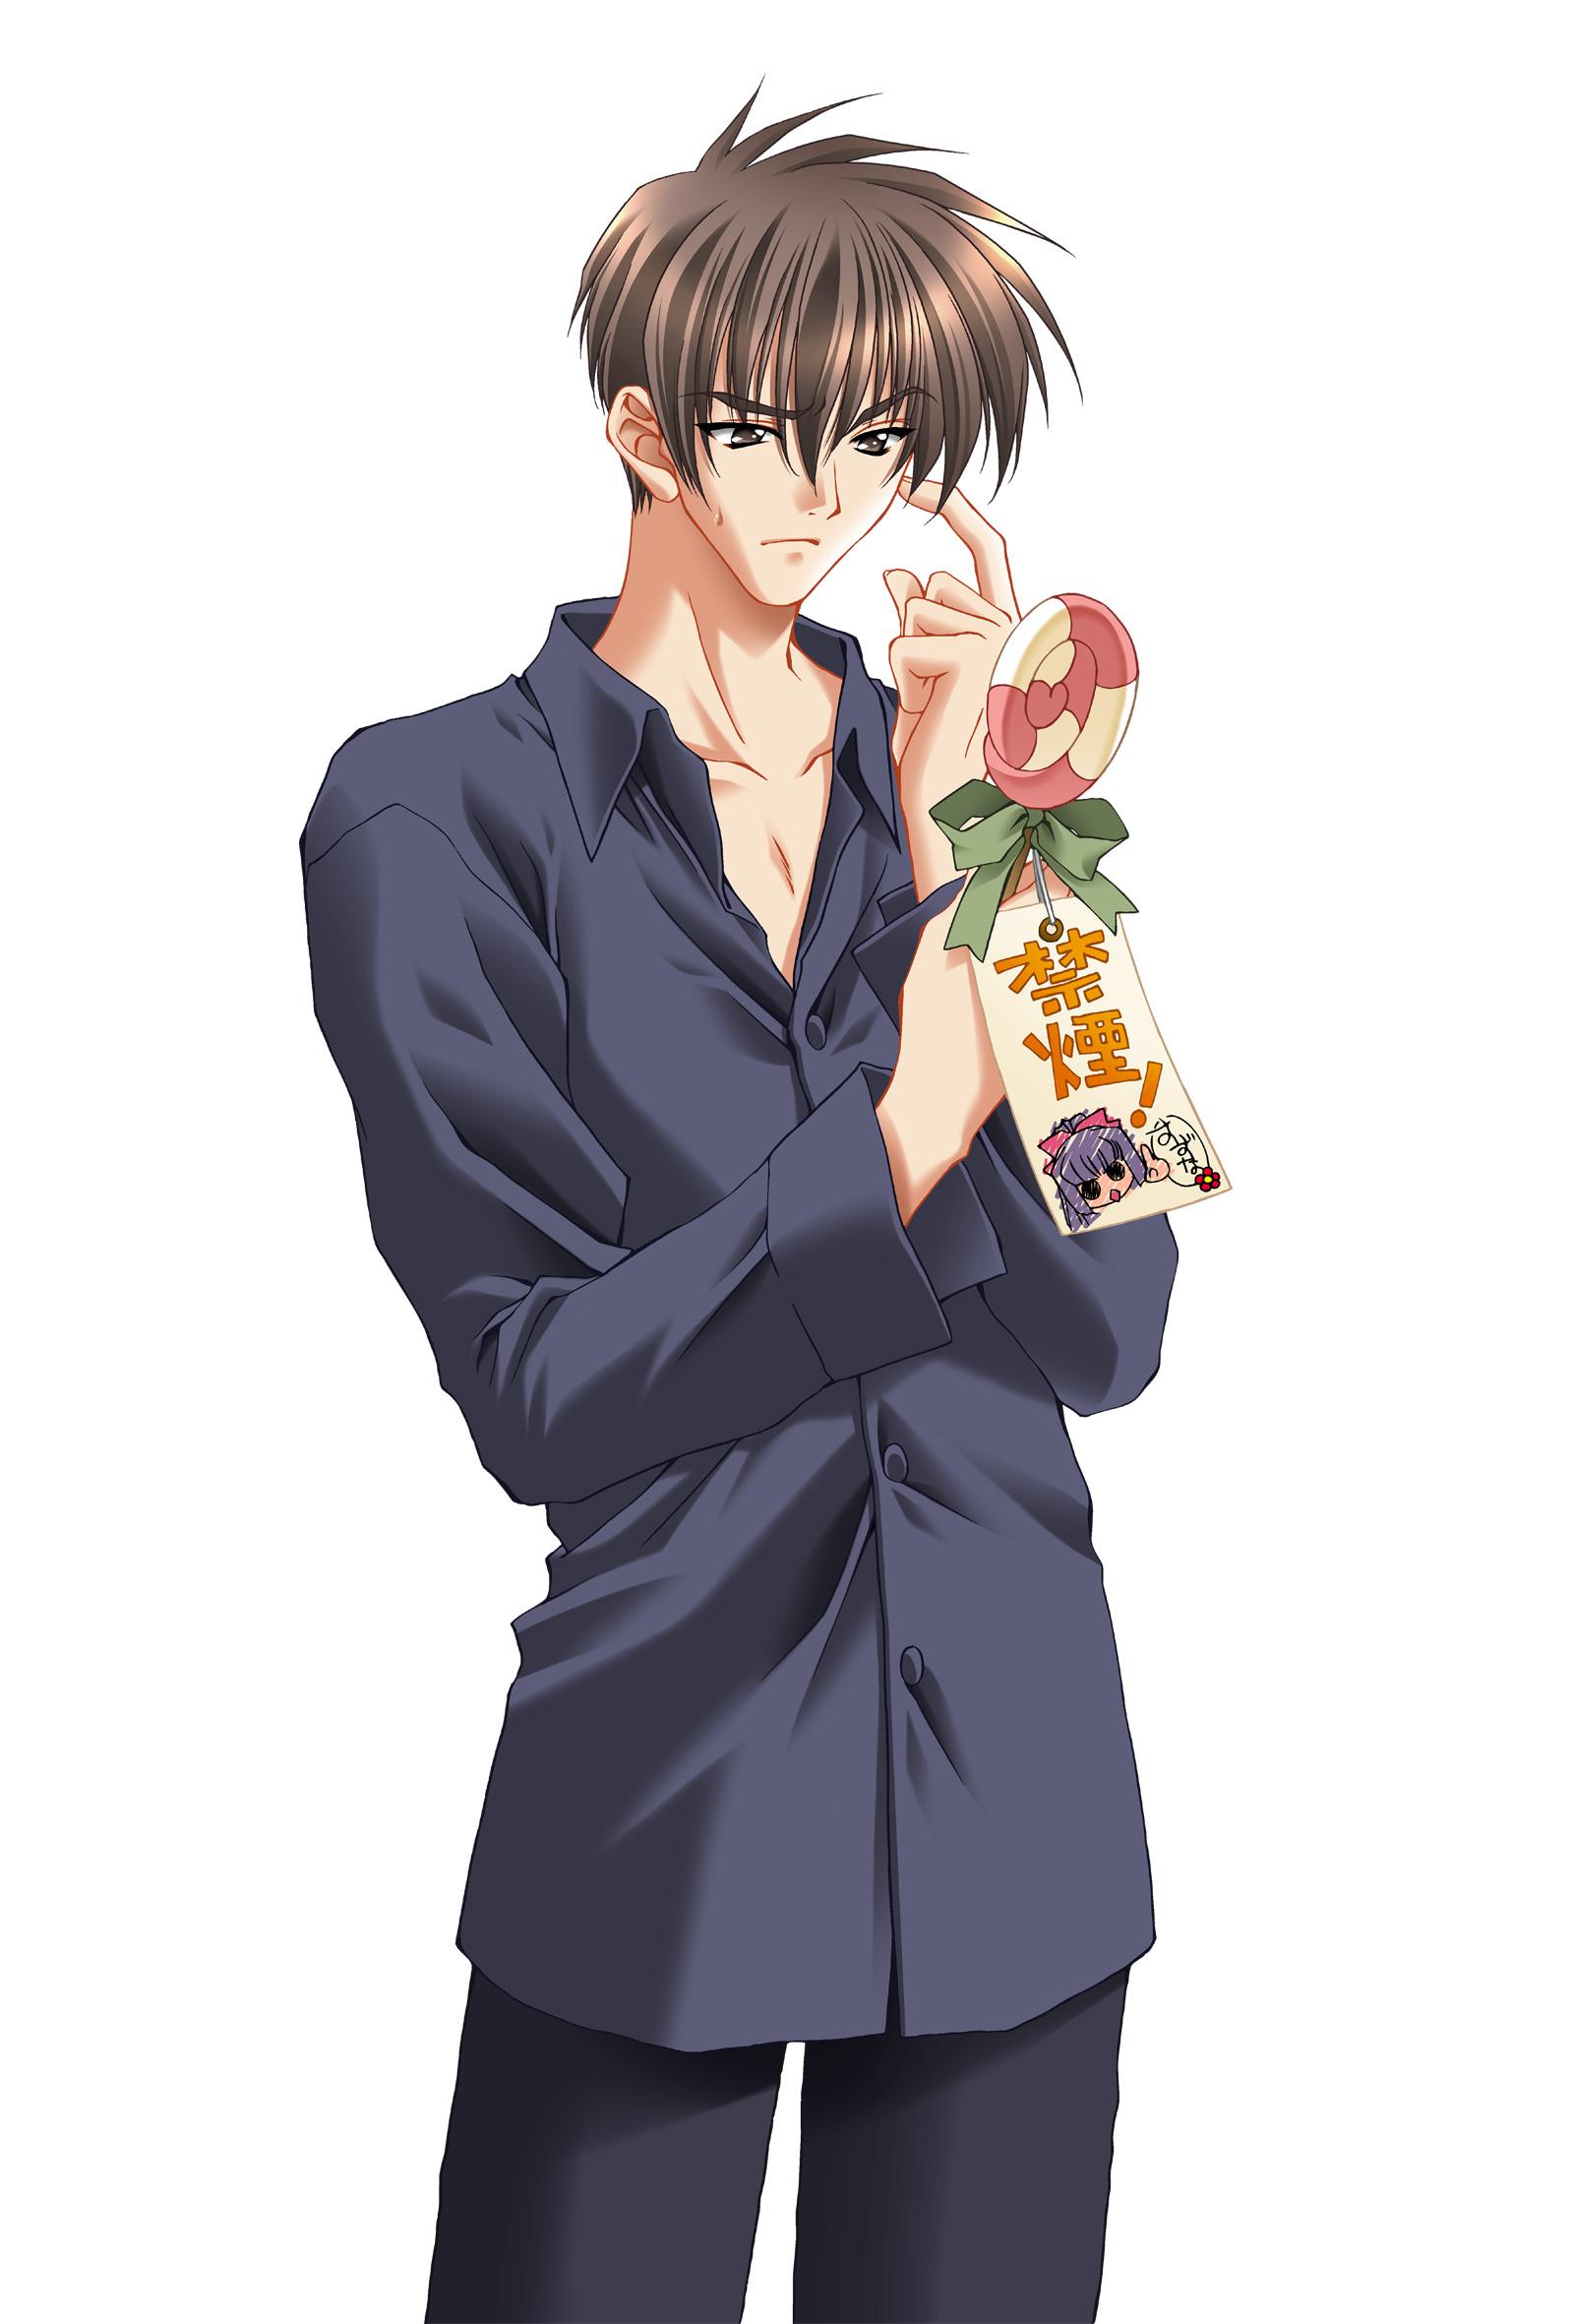 Kao no nai Tsuki: Carnelian 34 - Minitokyo